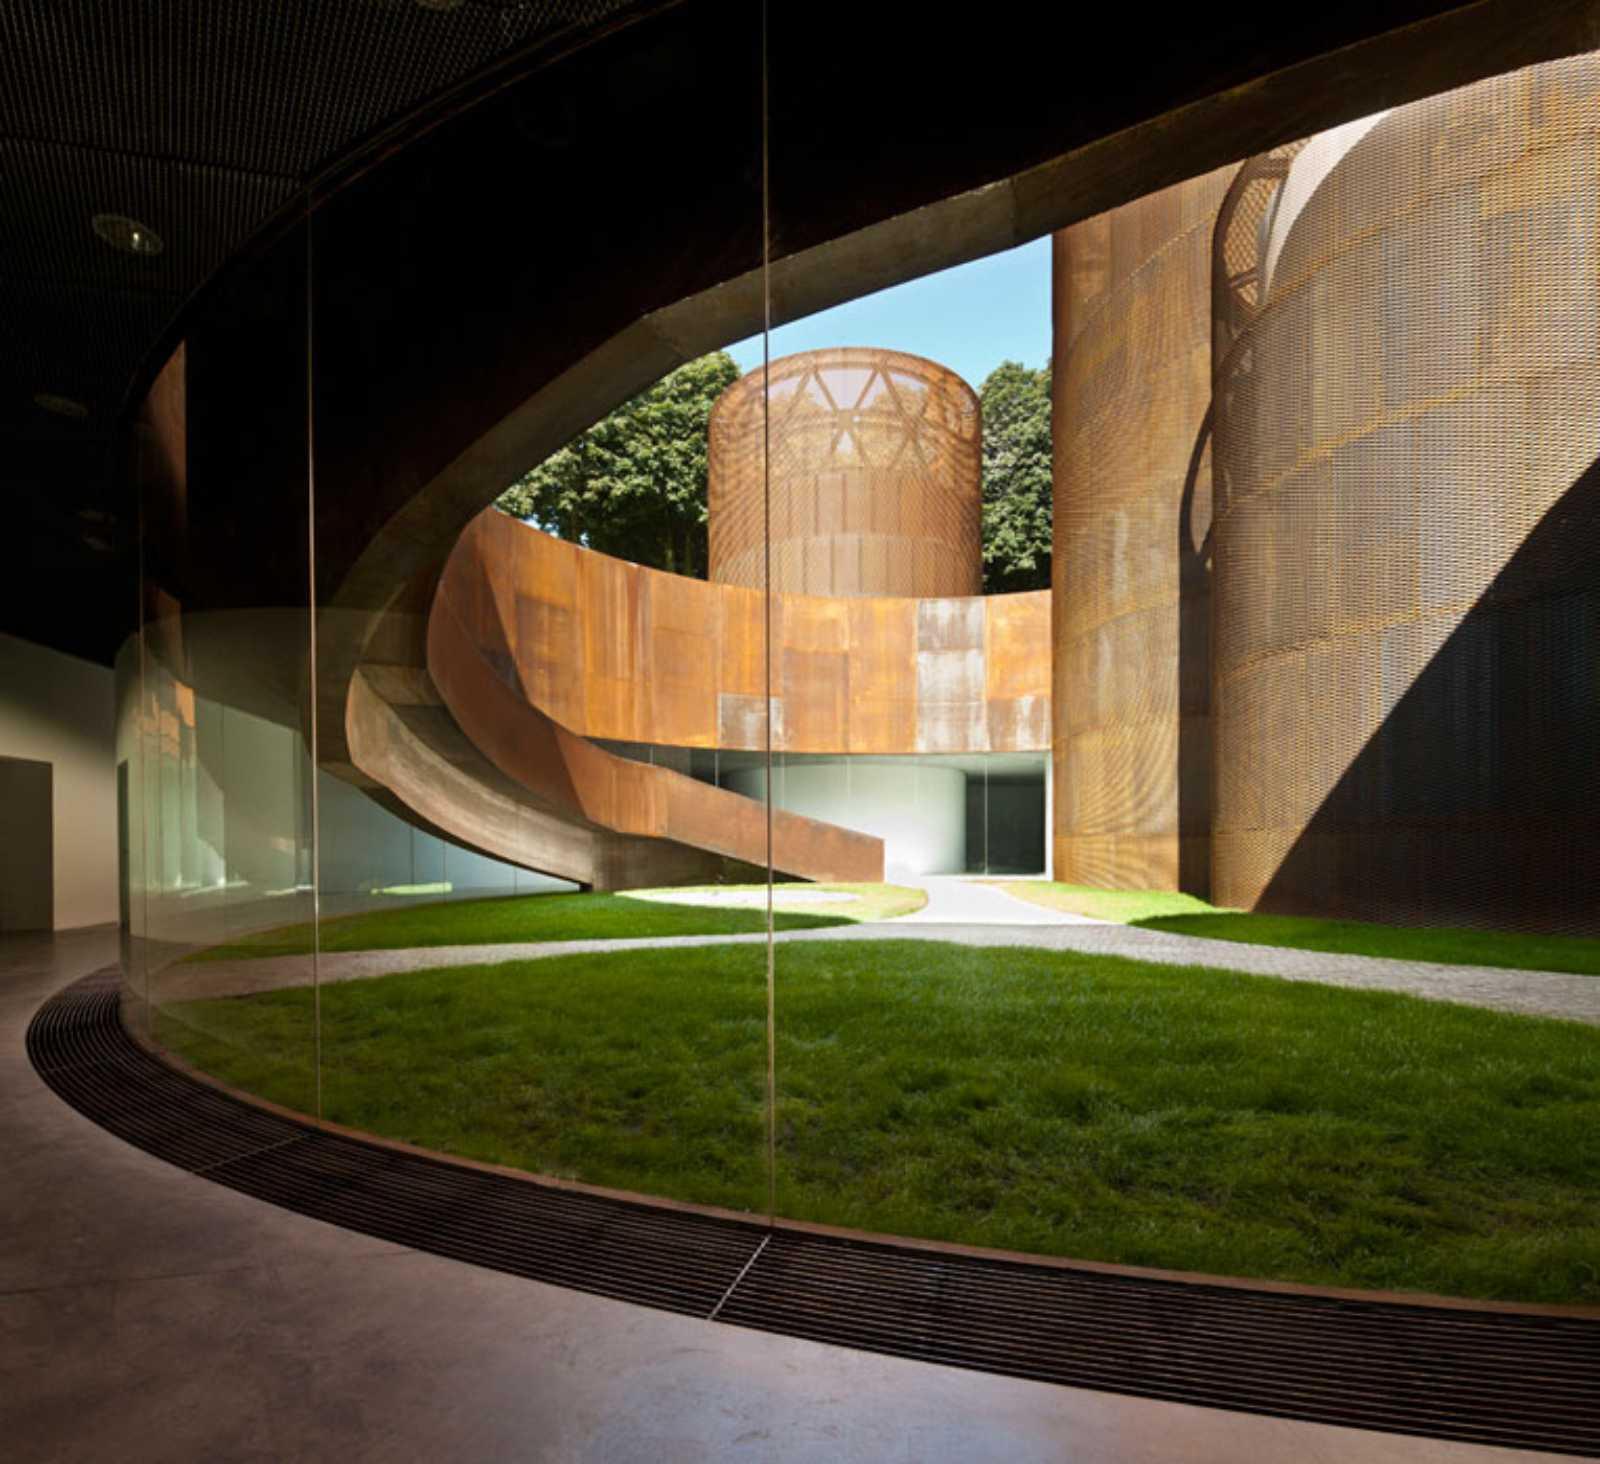 History museum of lugo by nieto sobejano arquitectos - Arquitecto de interiores ...